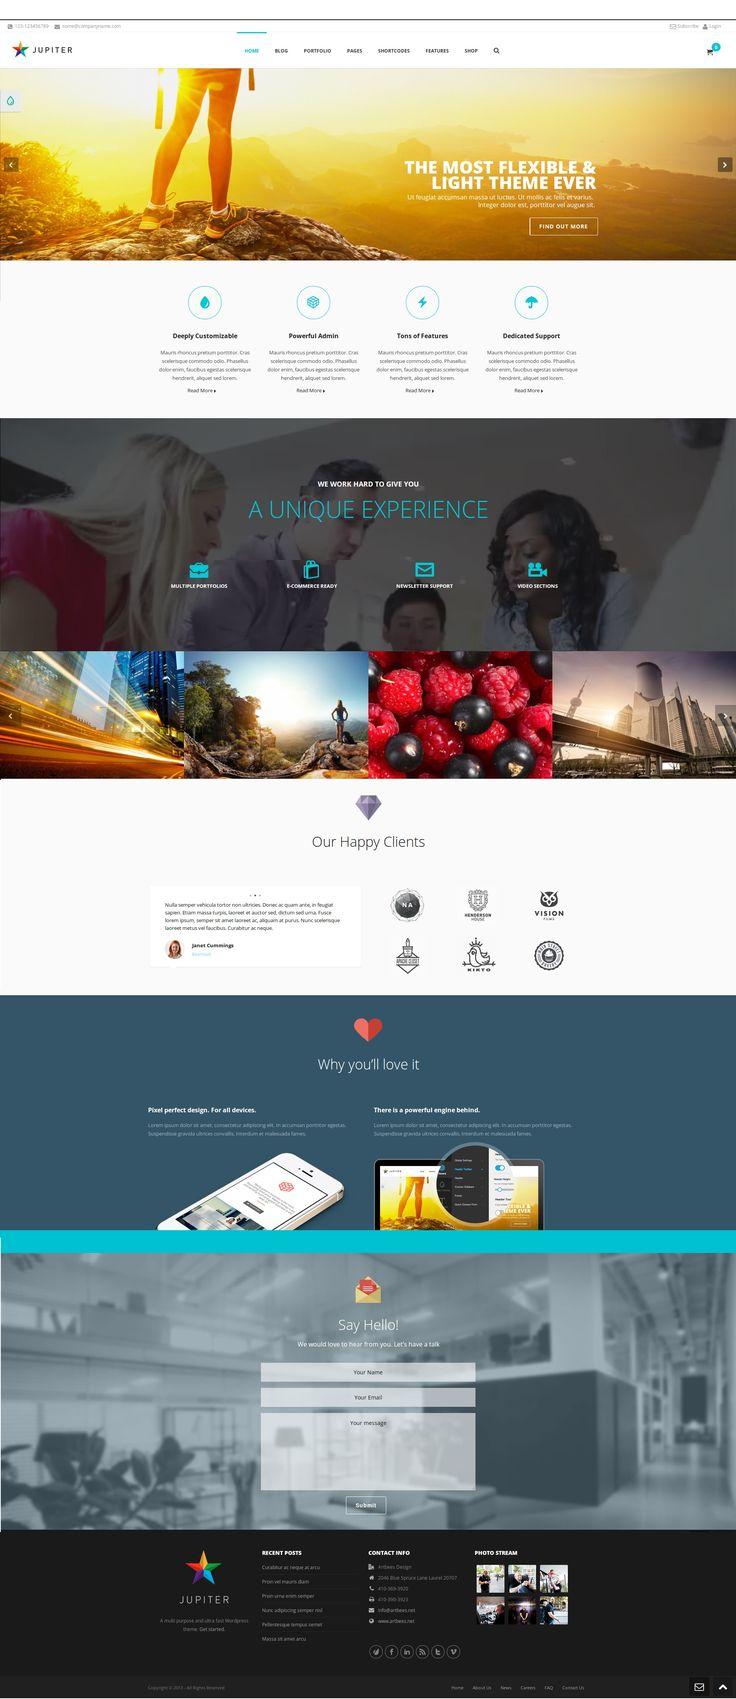 38 best 学校 images on Pinterest | Design websites, Website designs ...